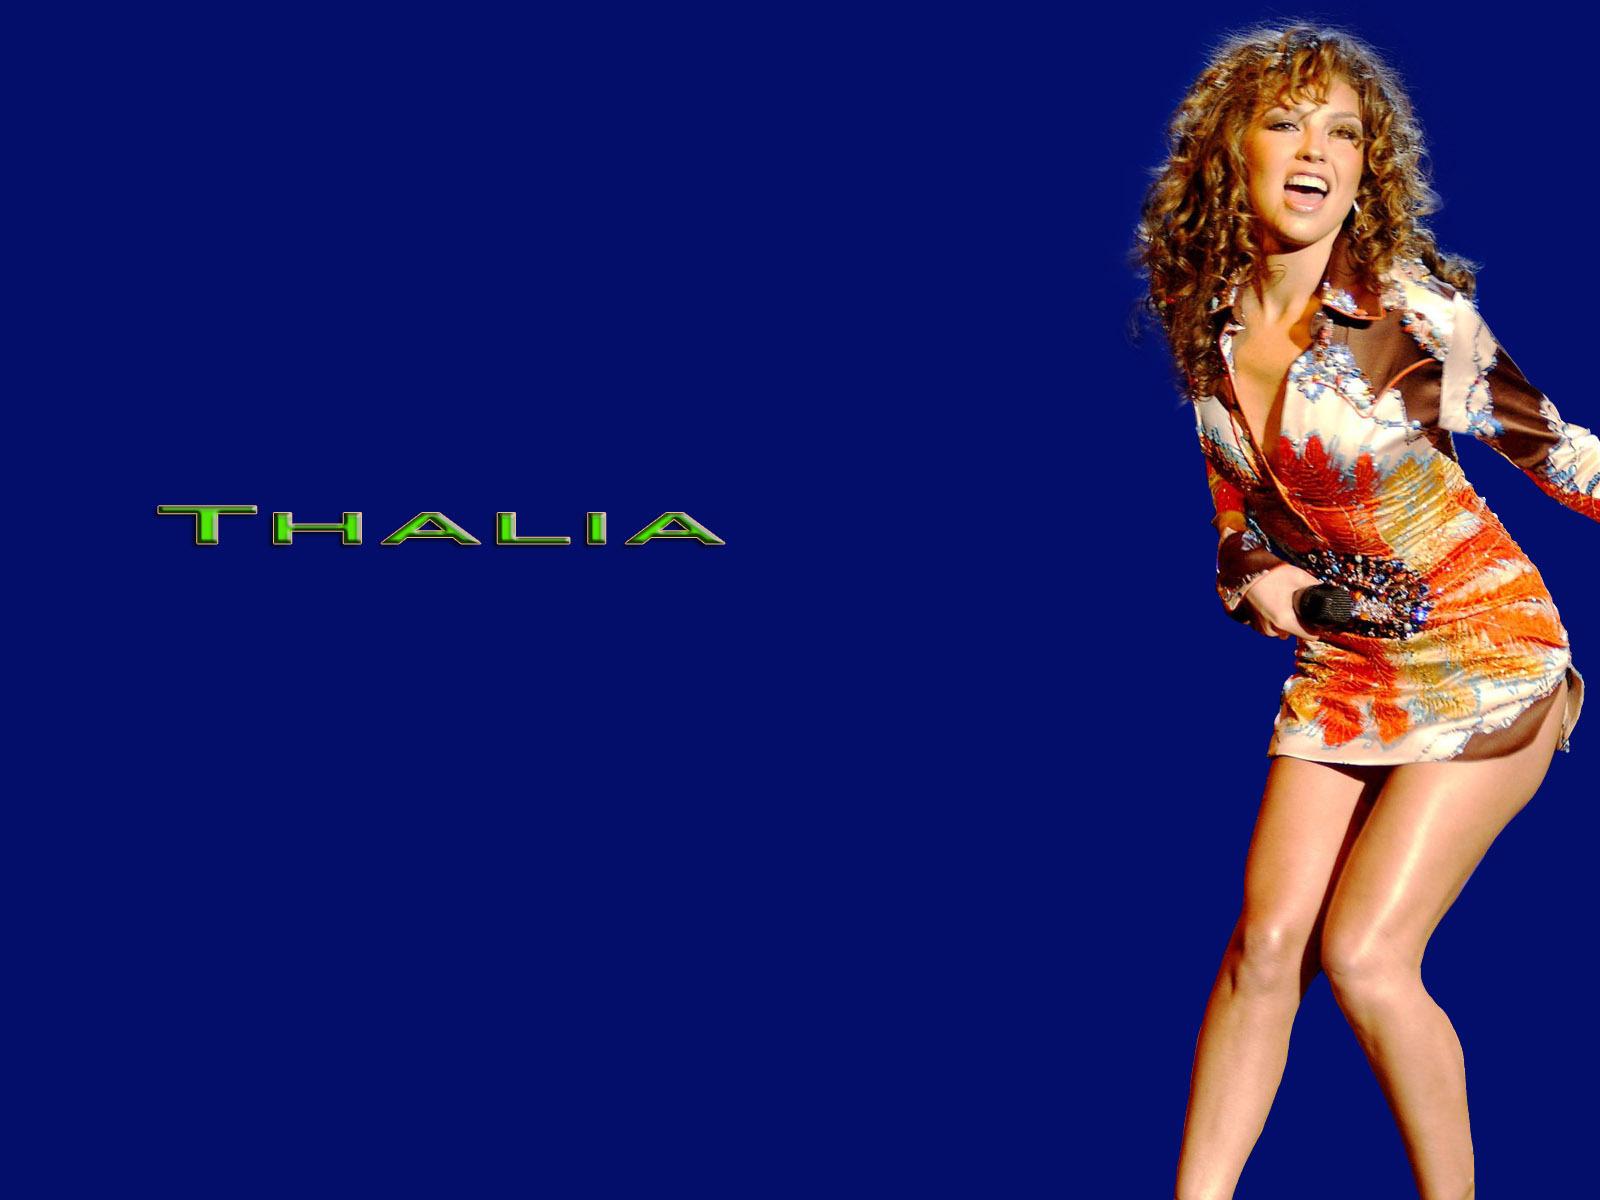 Thalia - Gallery Photo